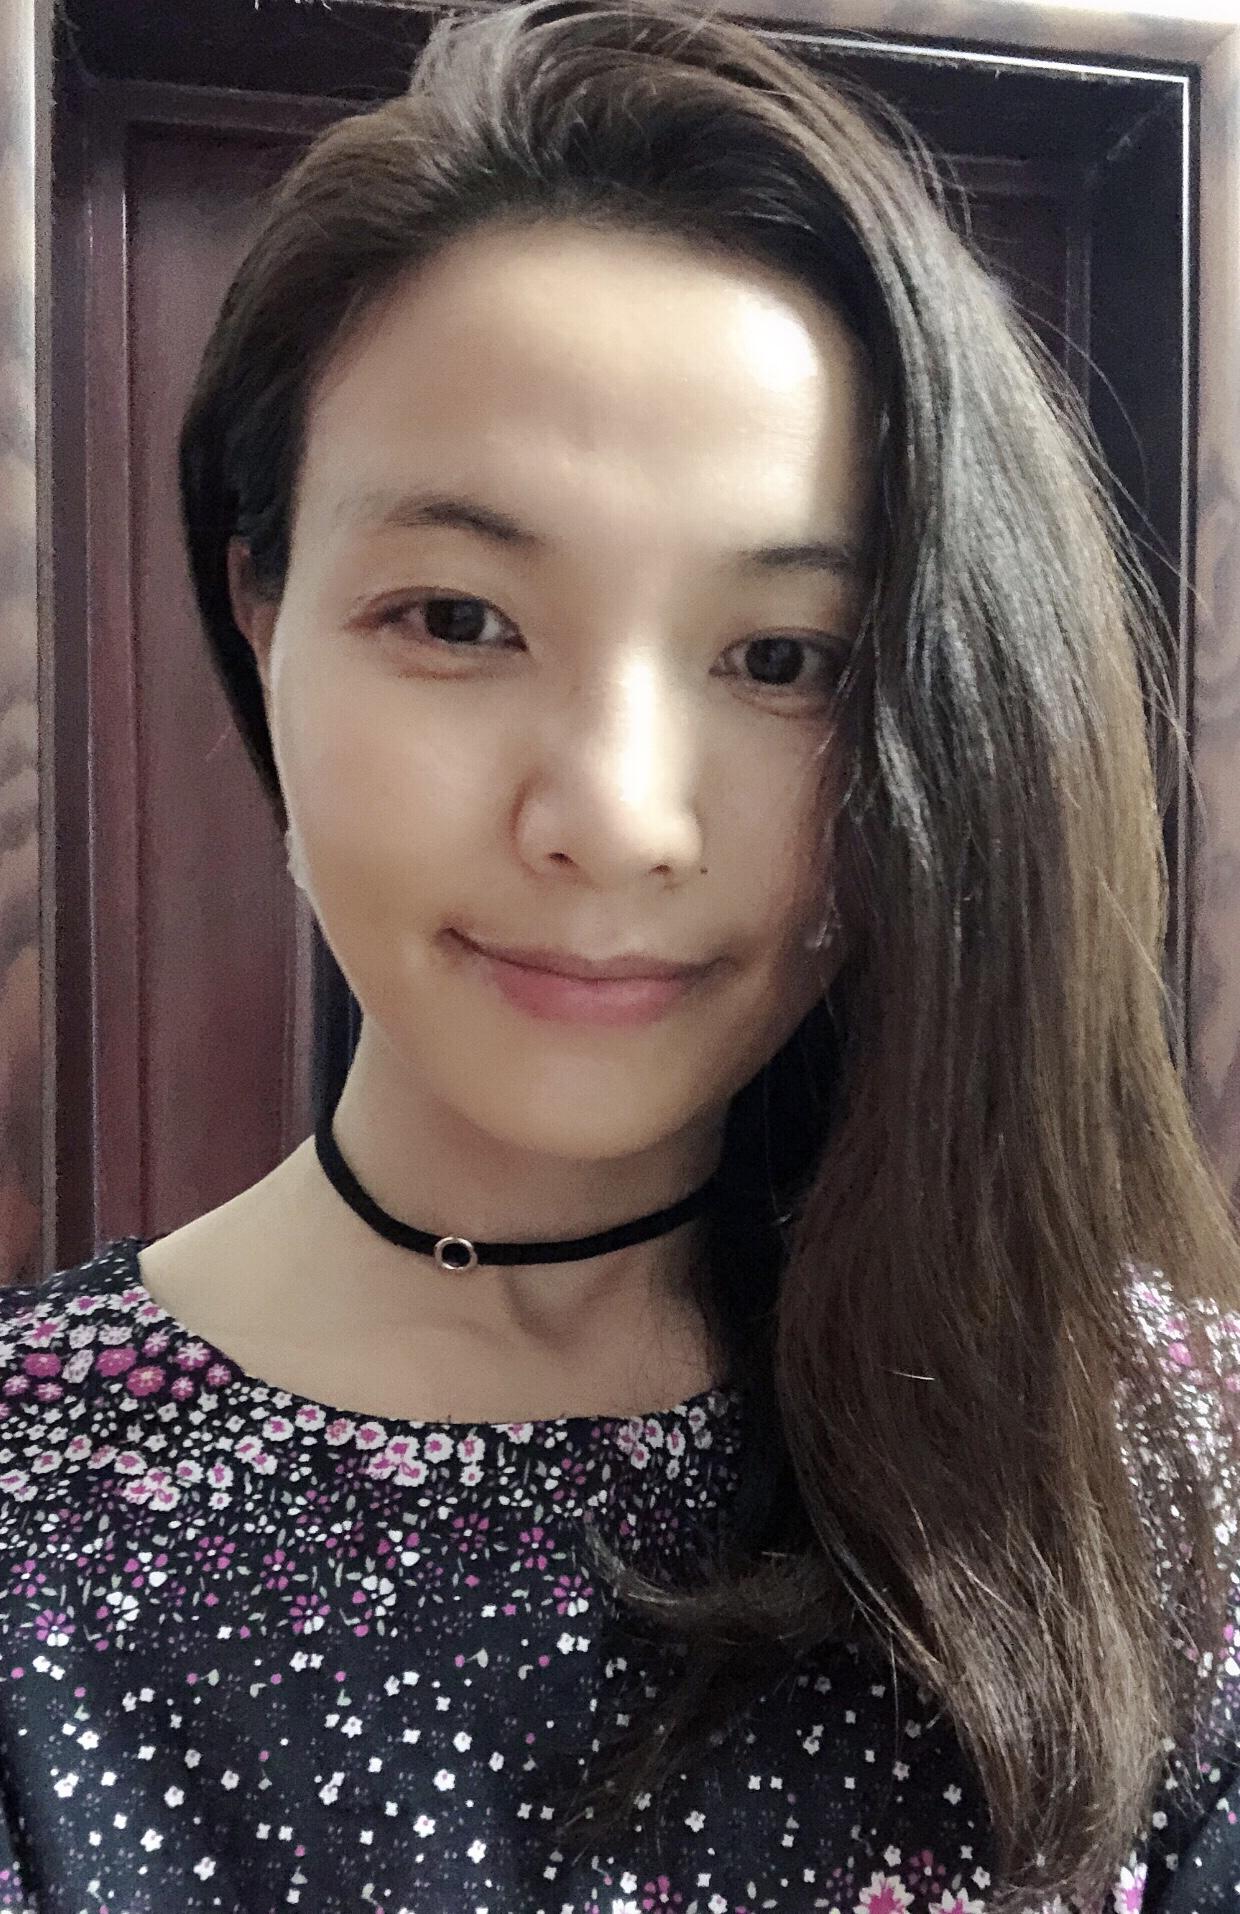 桂林丨我是归人,亦是游客。